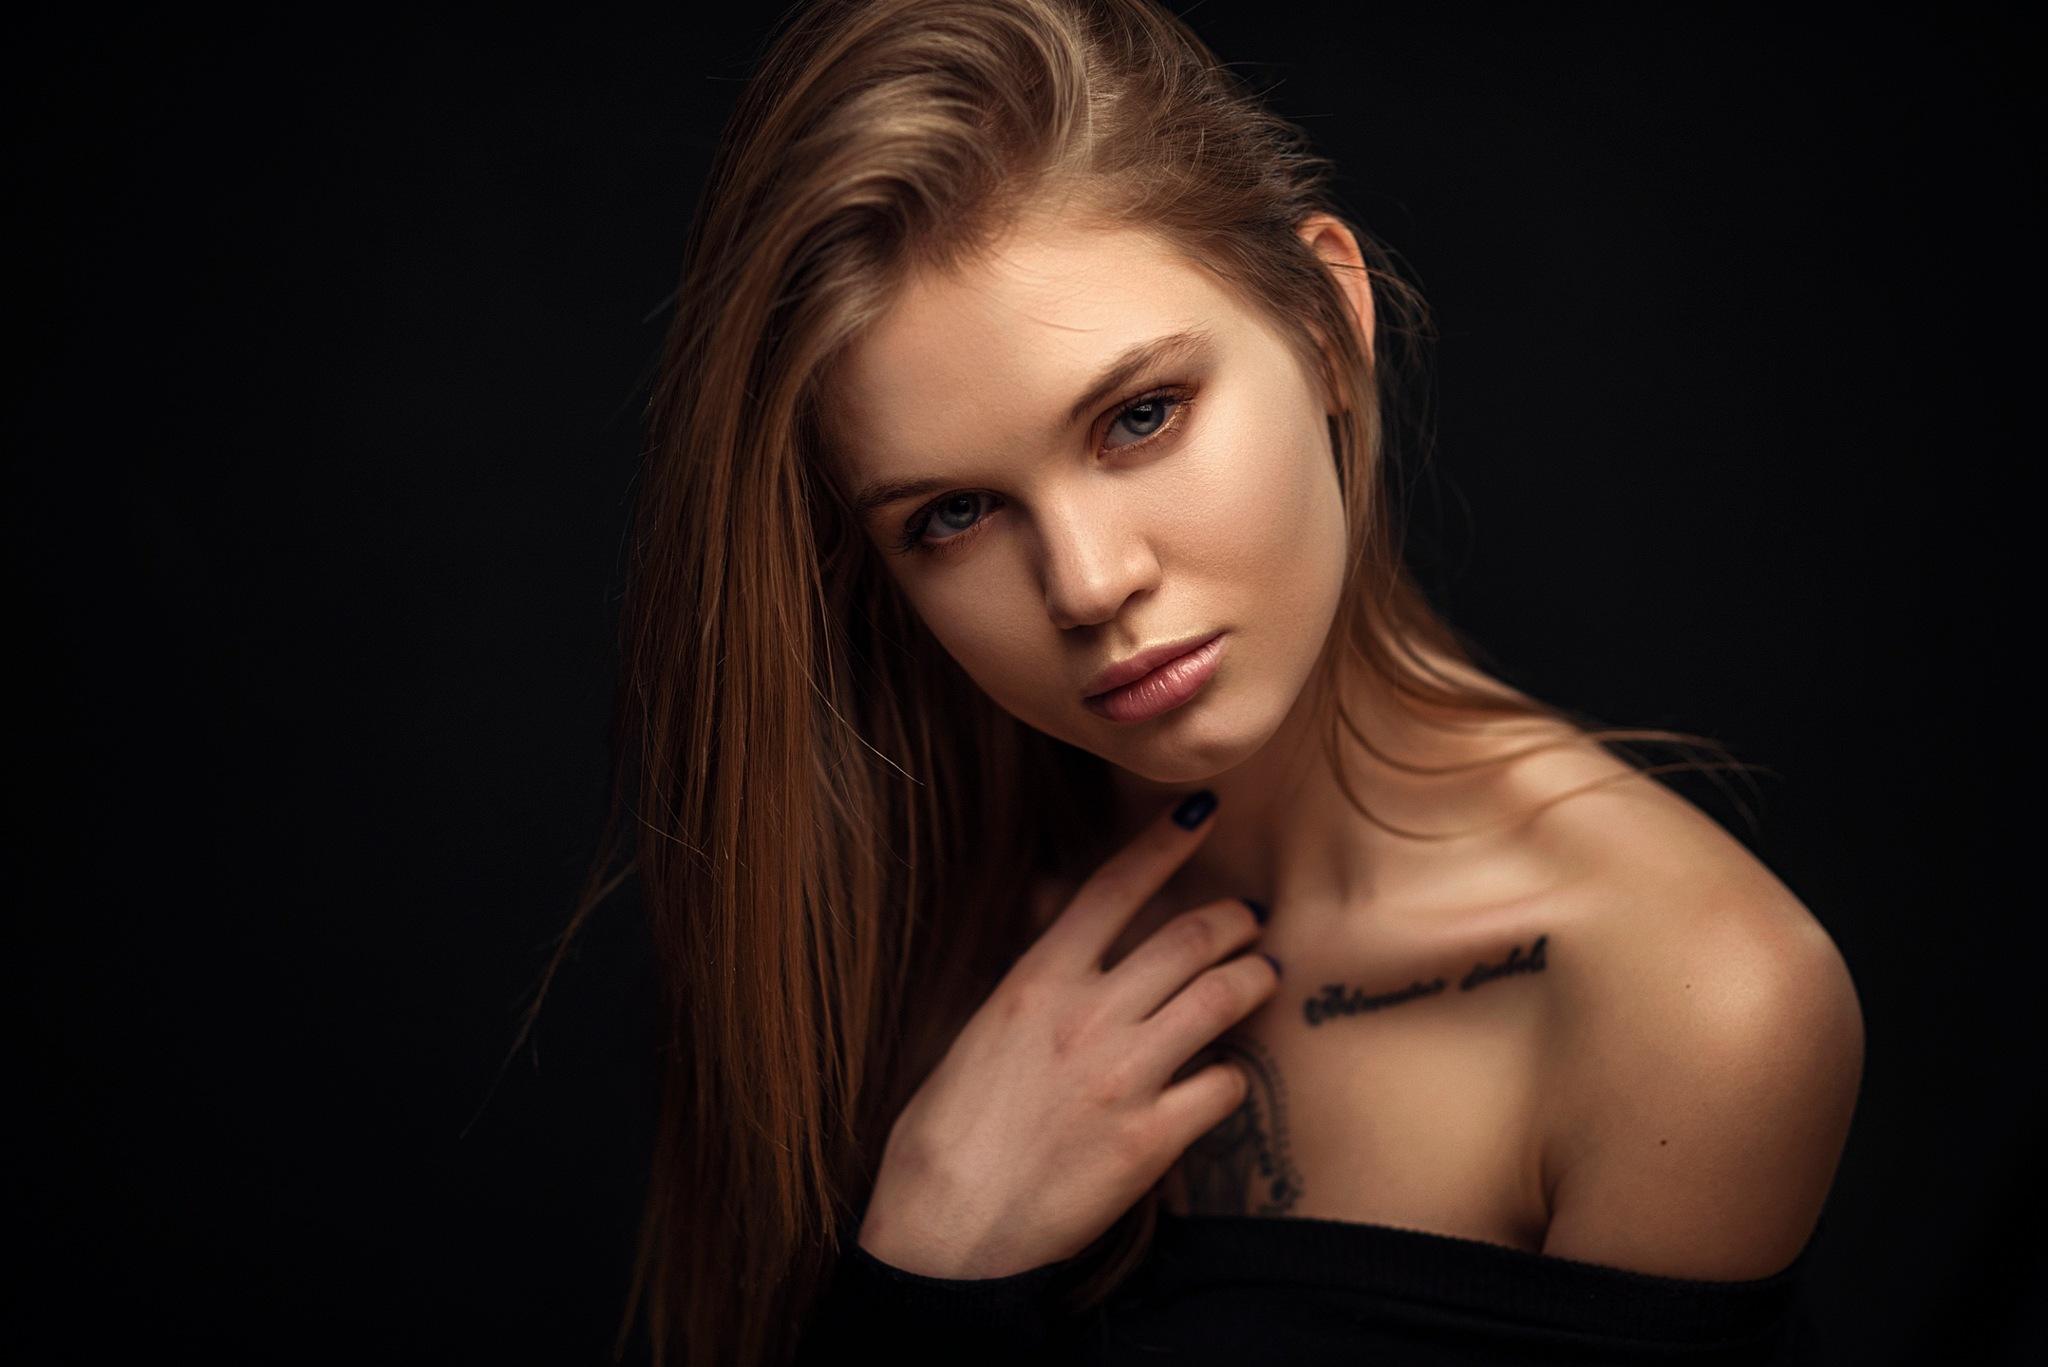 Ksenia by Pavel Cherepko